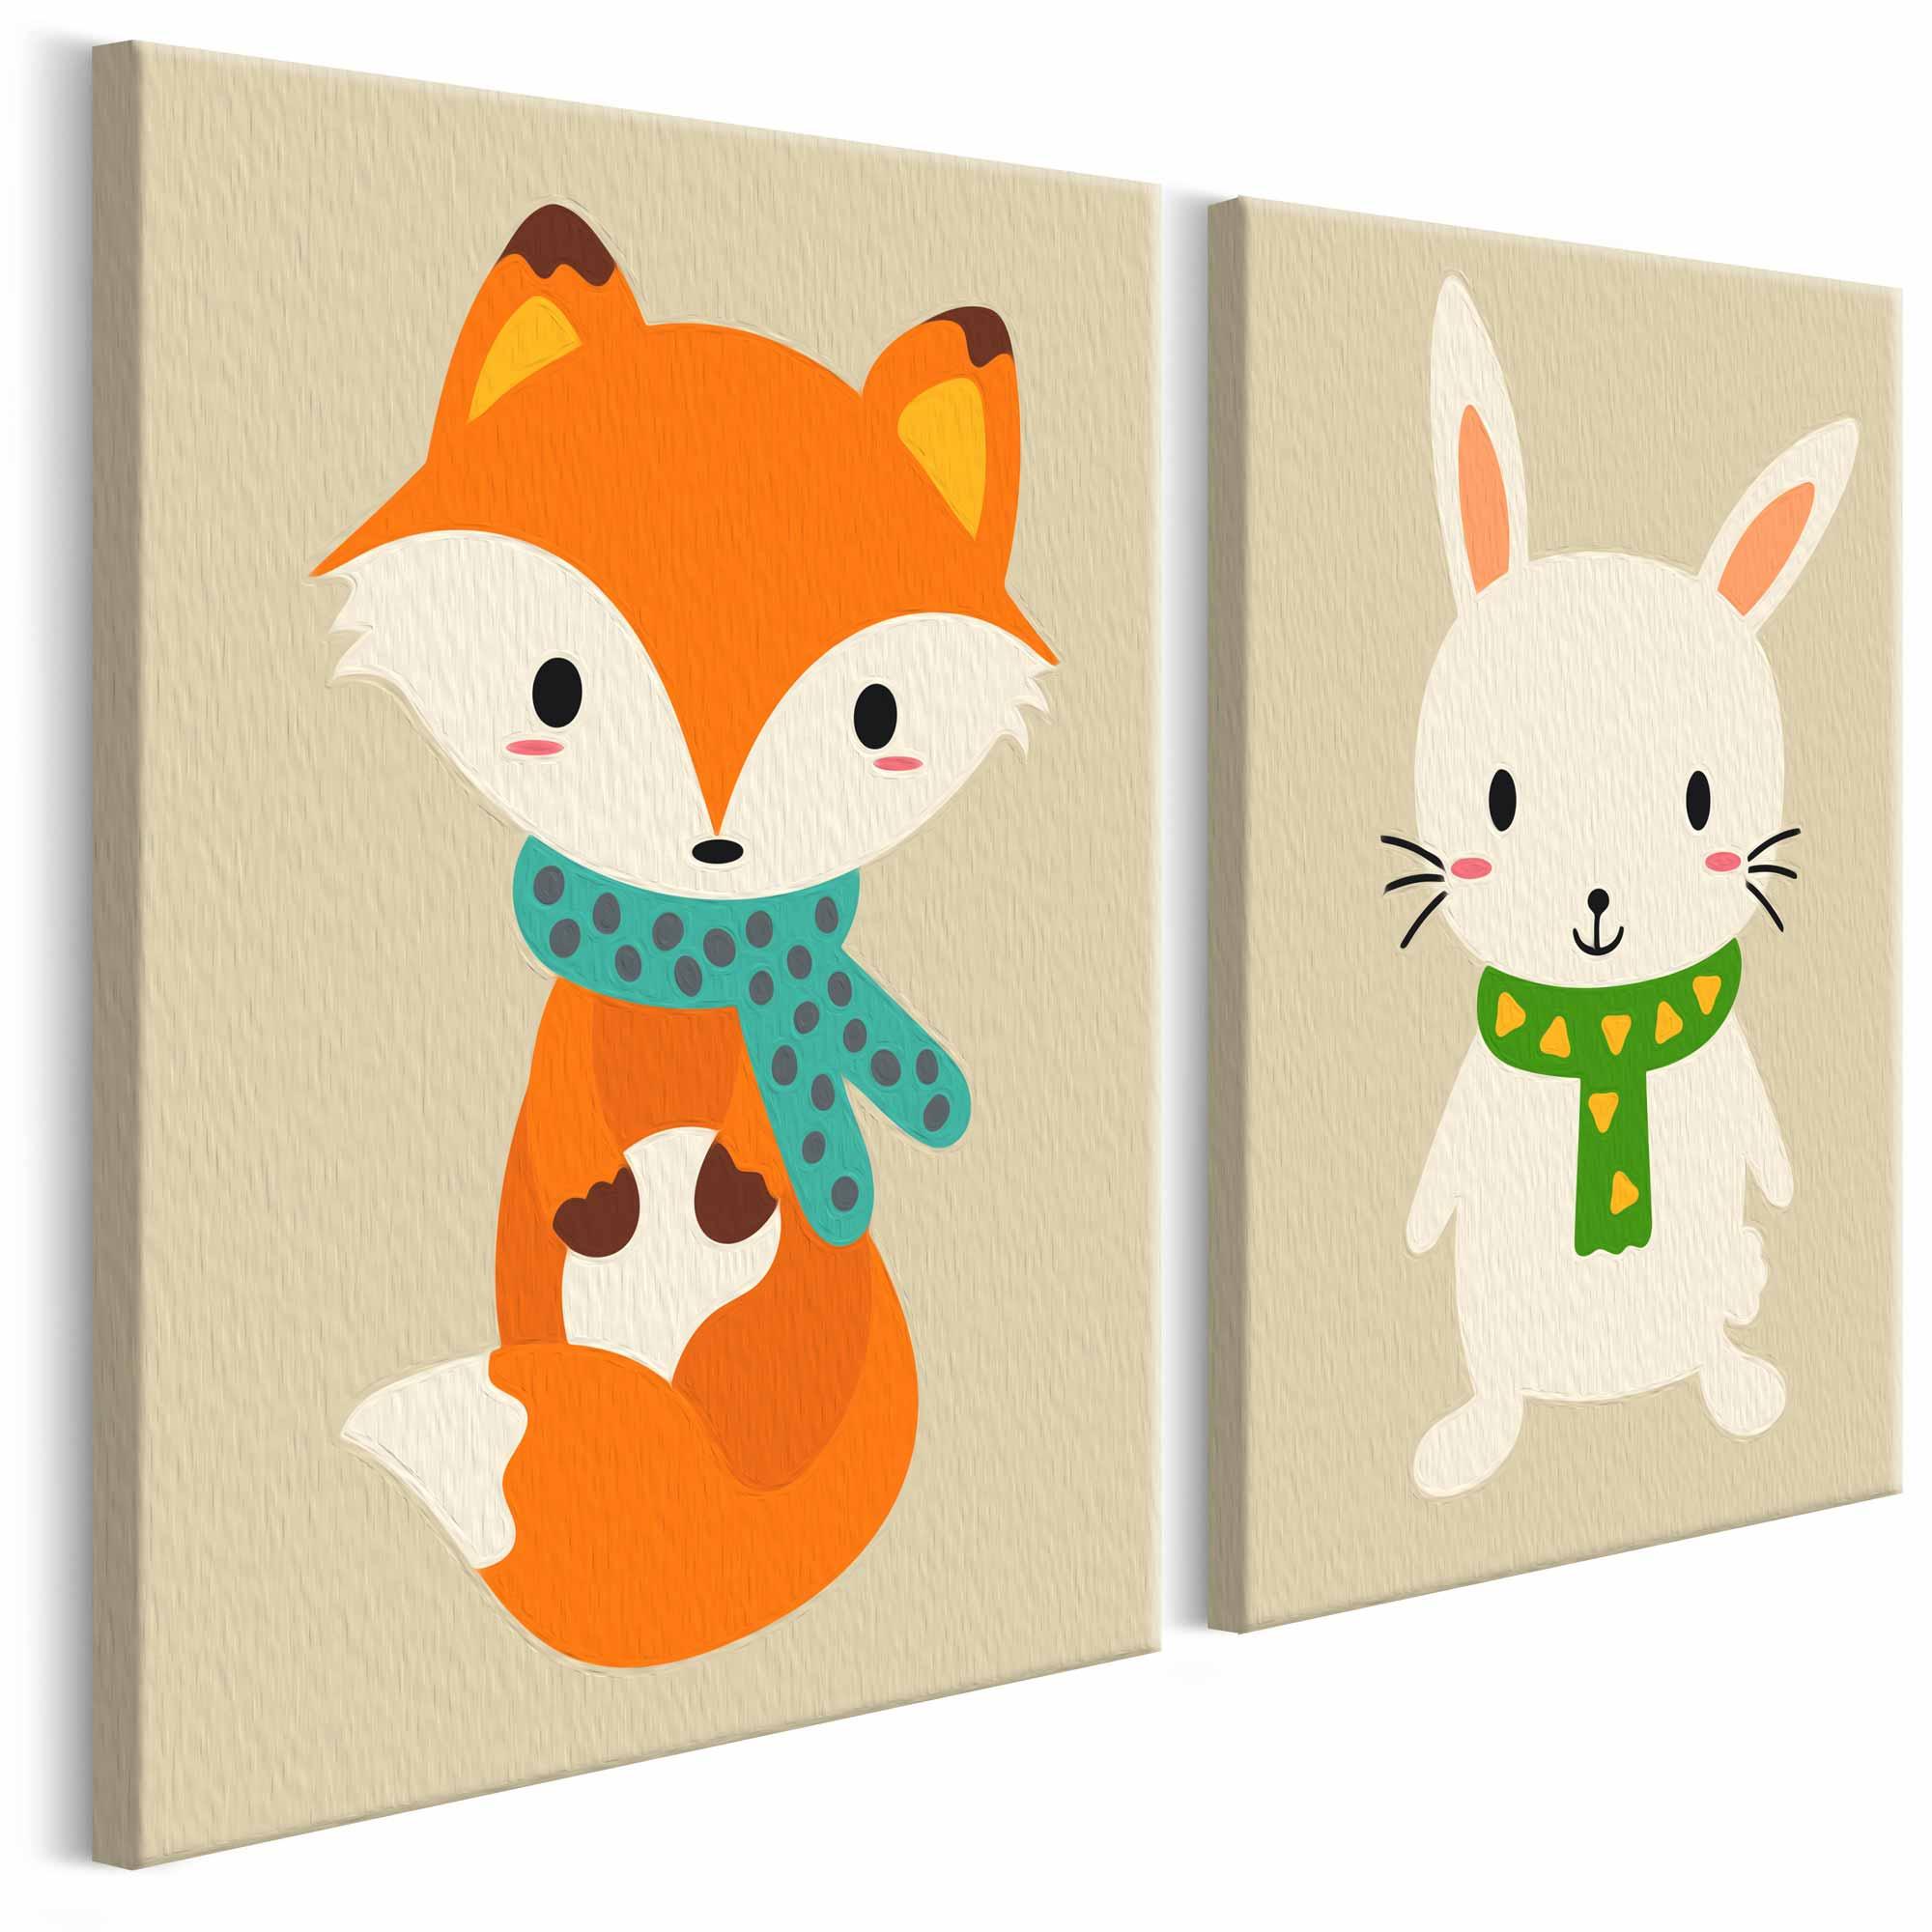 Artgeist diy fox & bunny maleri - hvidt lærred, inkl. maling og pensel (23x100) fra artgeist på boboonline.dk